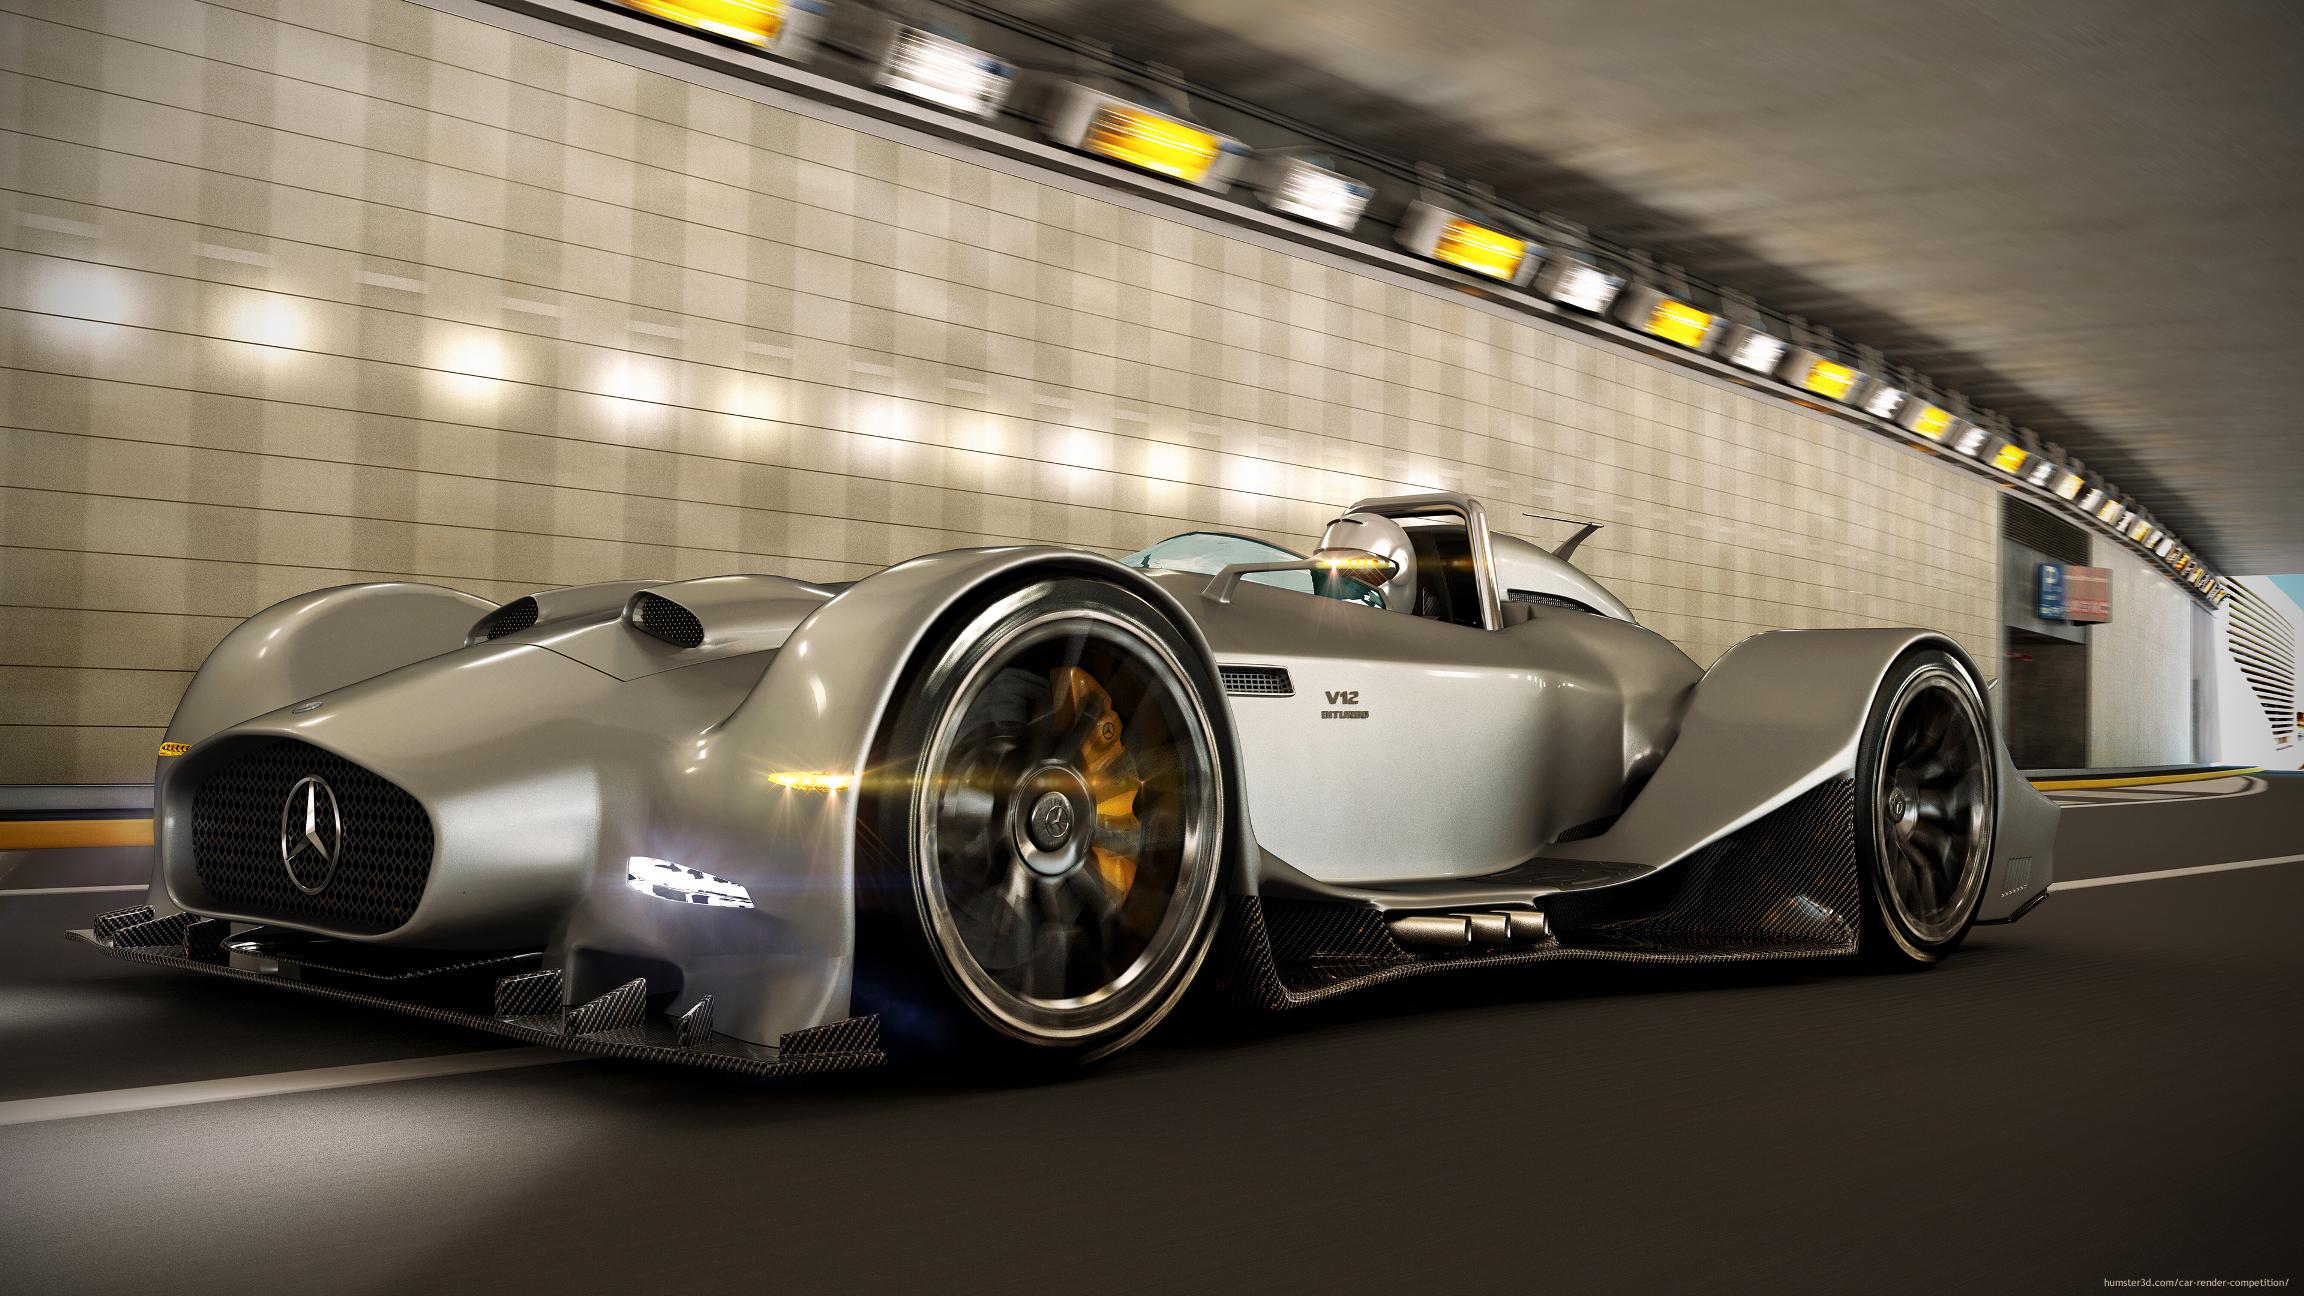 Mercedes Benz V12 concept 3d art